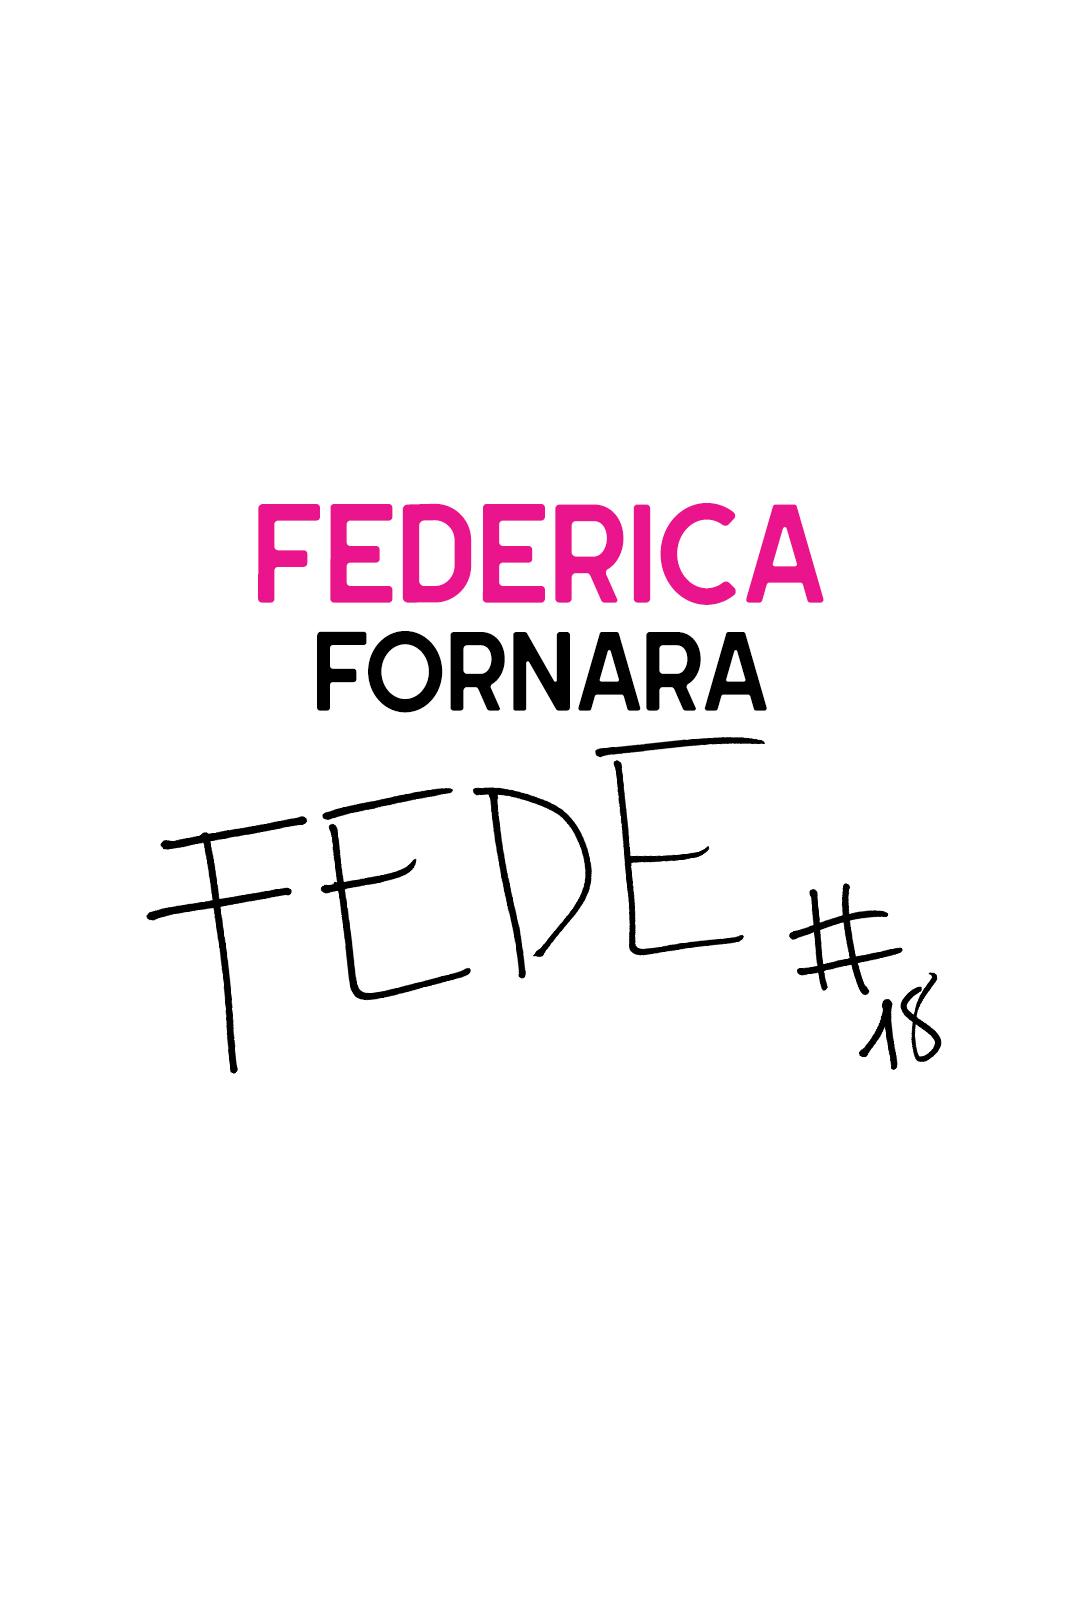 18 – Federica Fornara